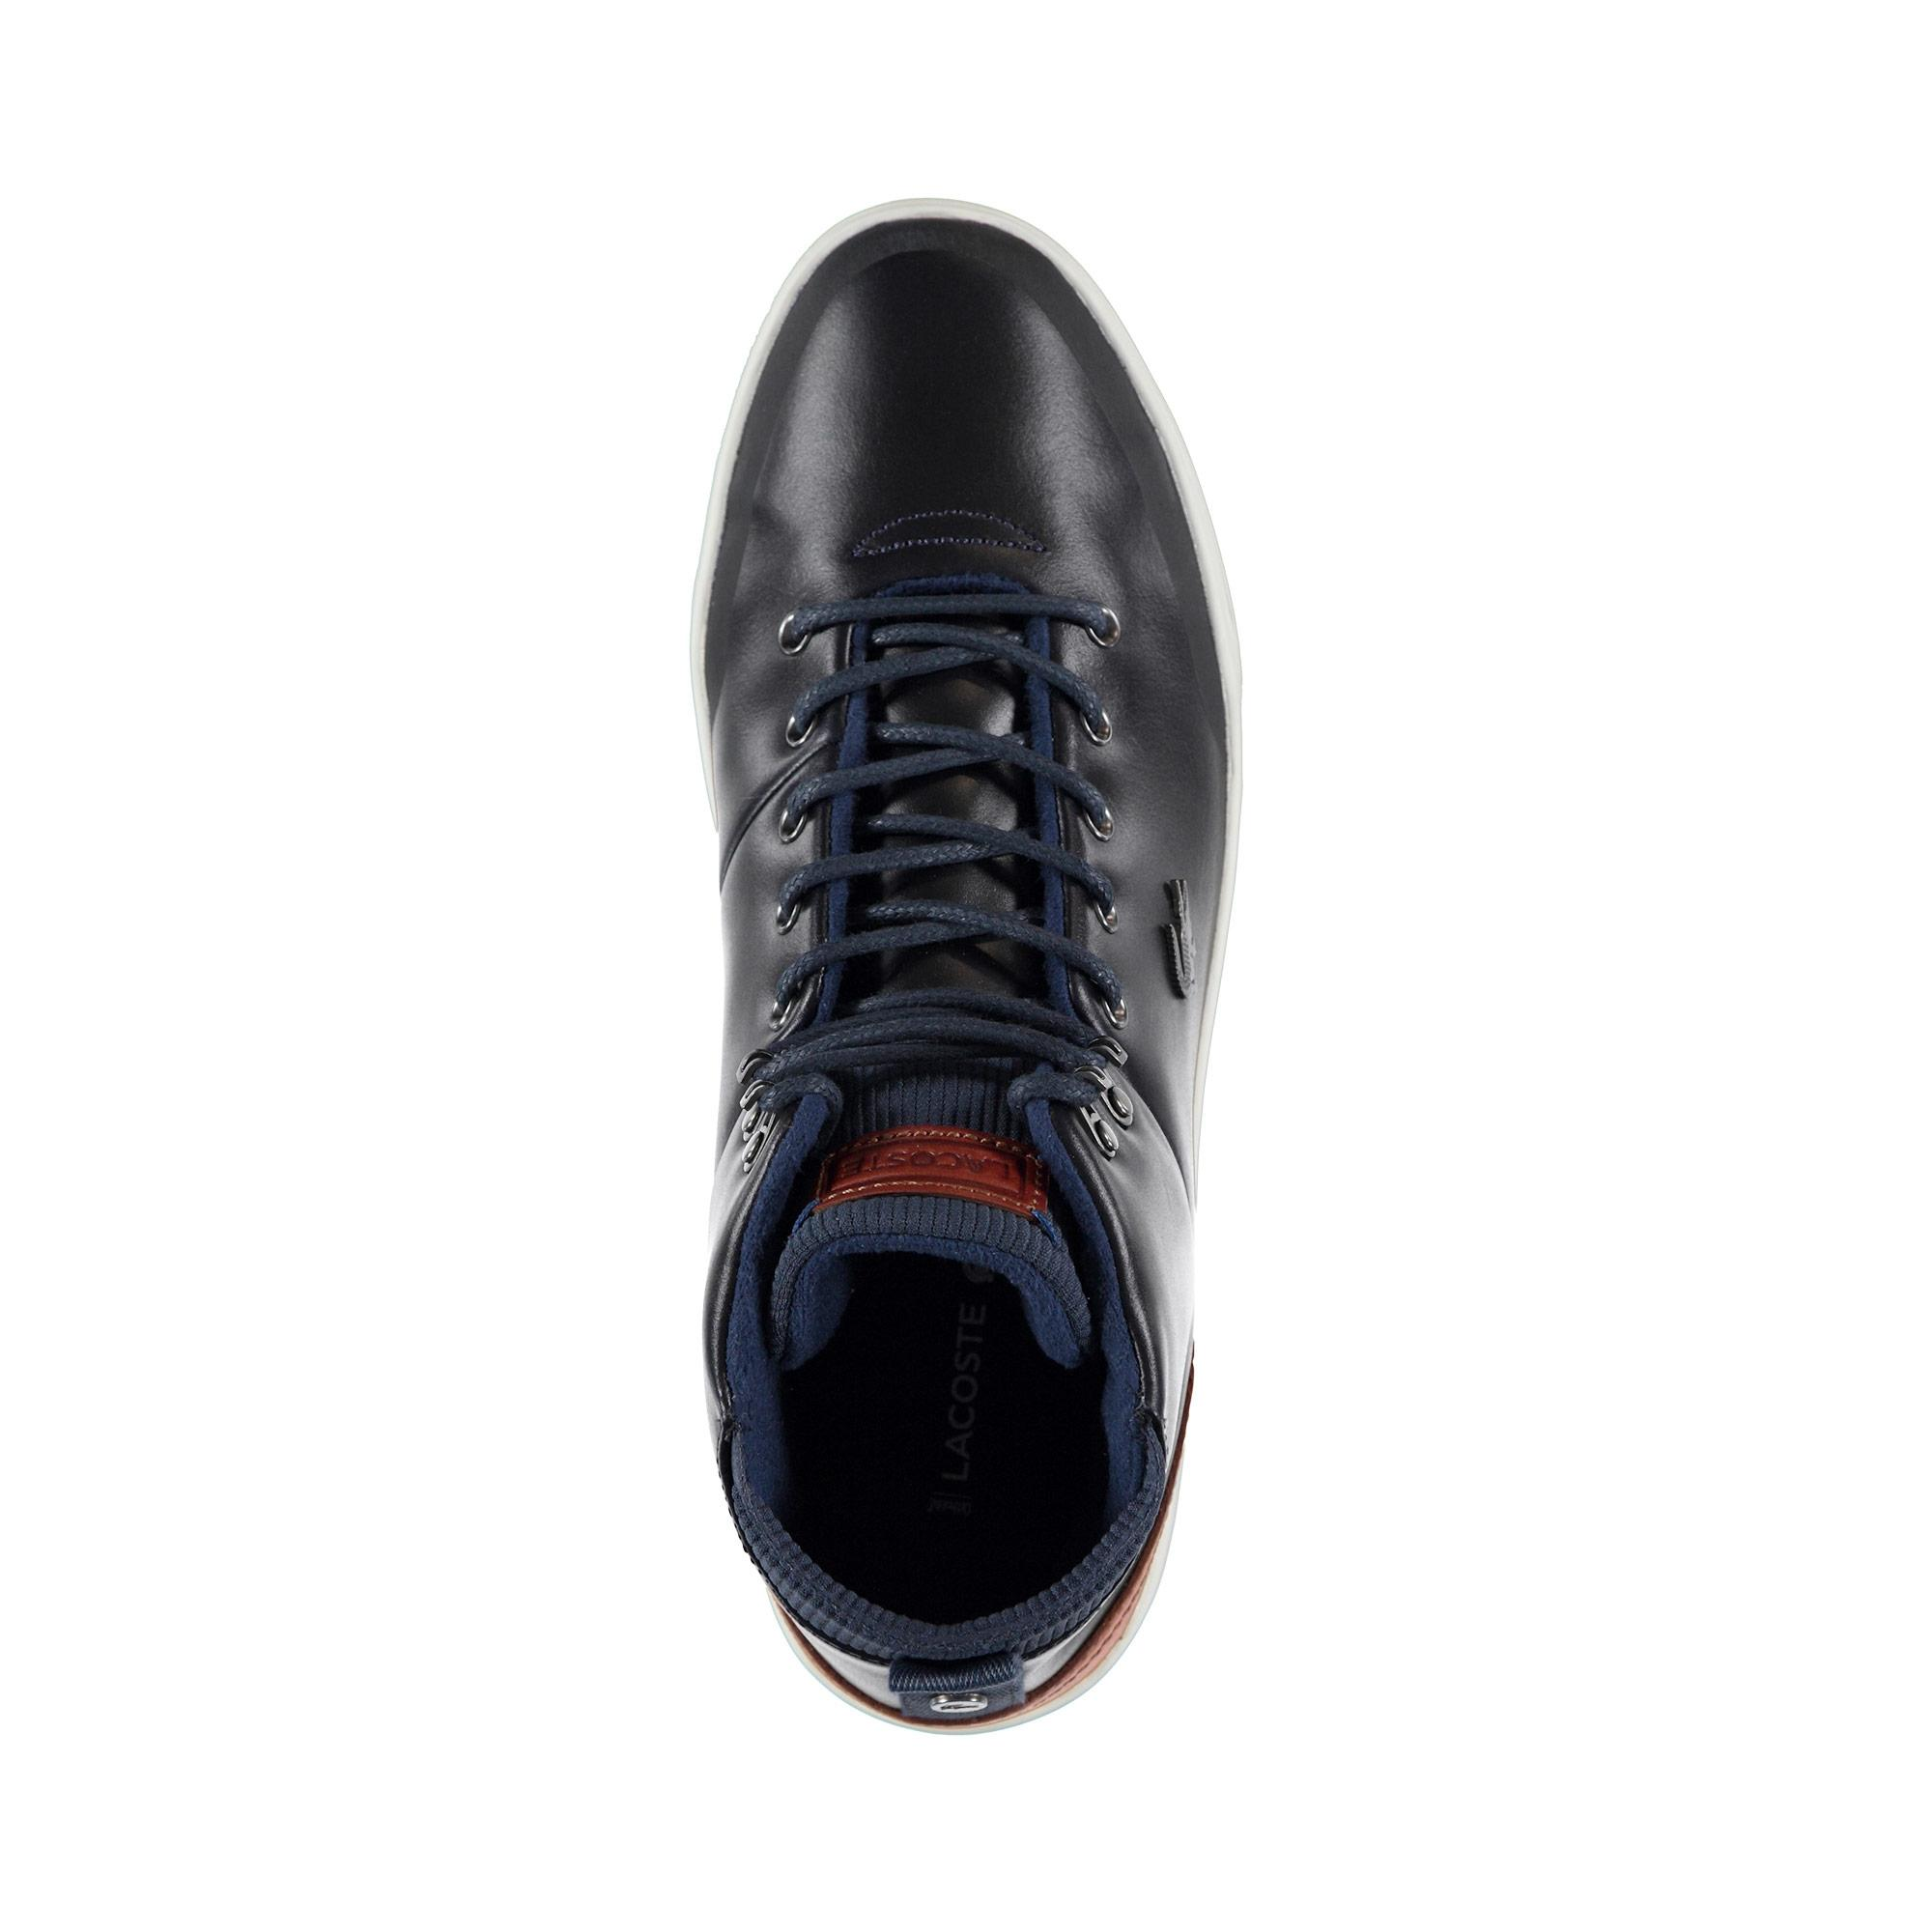 Lacoste Explorateur Classic 318 1 Men's Boots